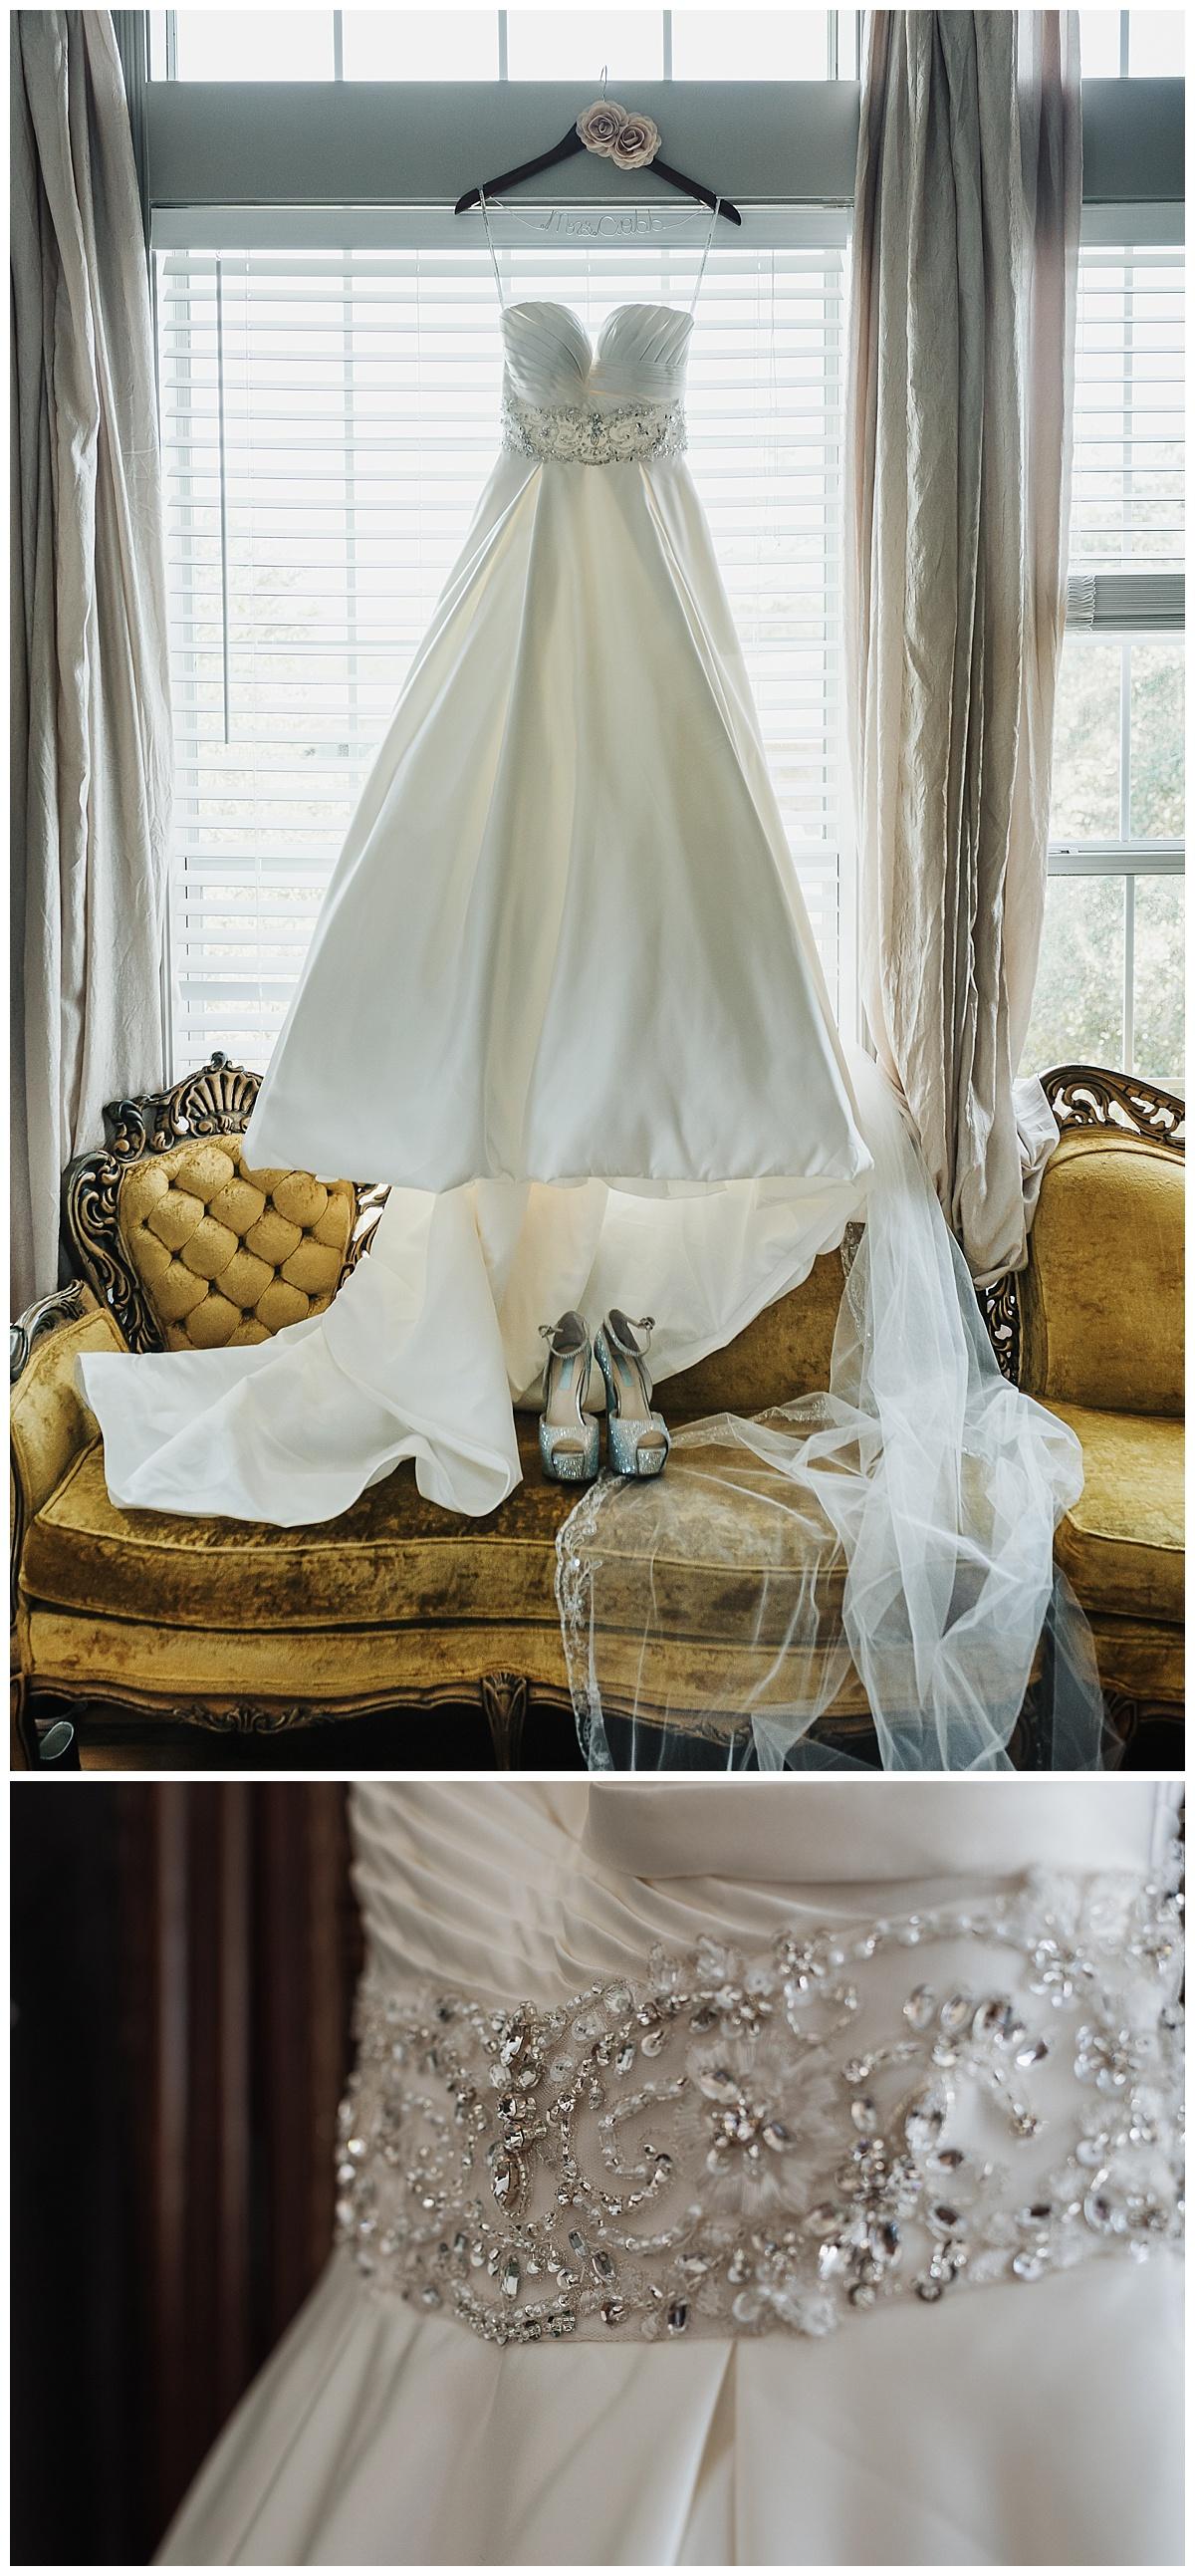 Rustic-Barn-Wedding-Halifax-Nova-Scotia_8.jpg